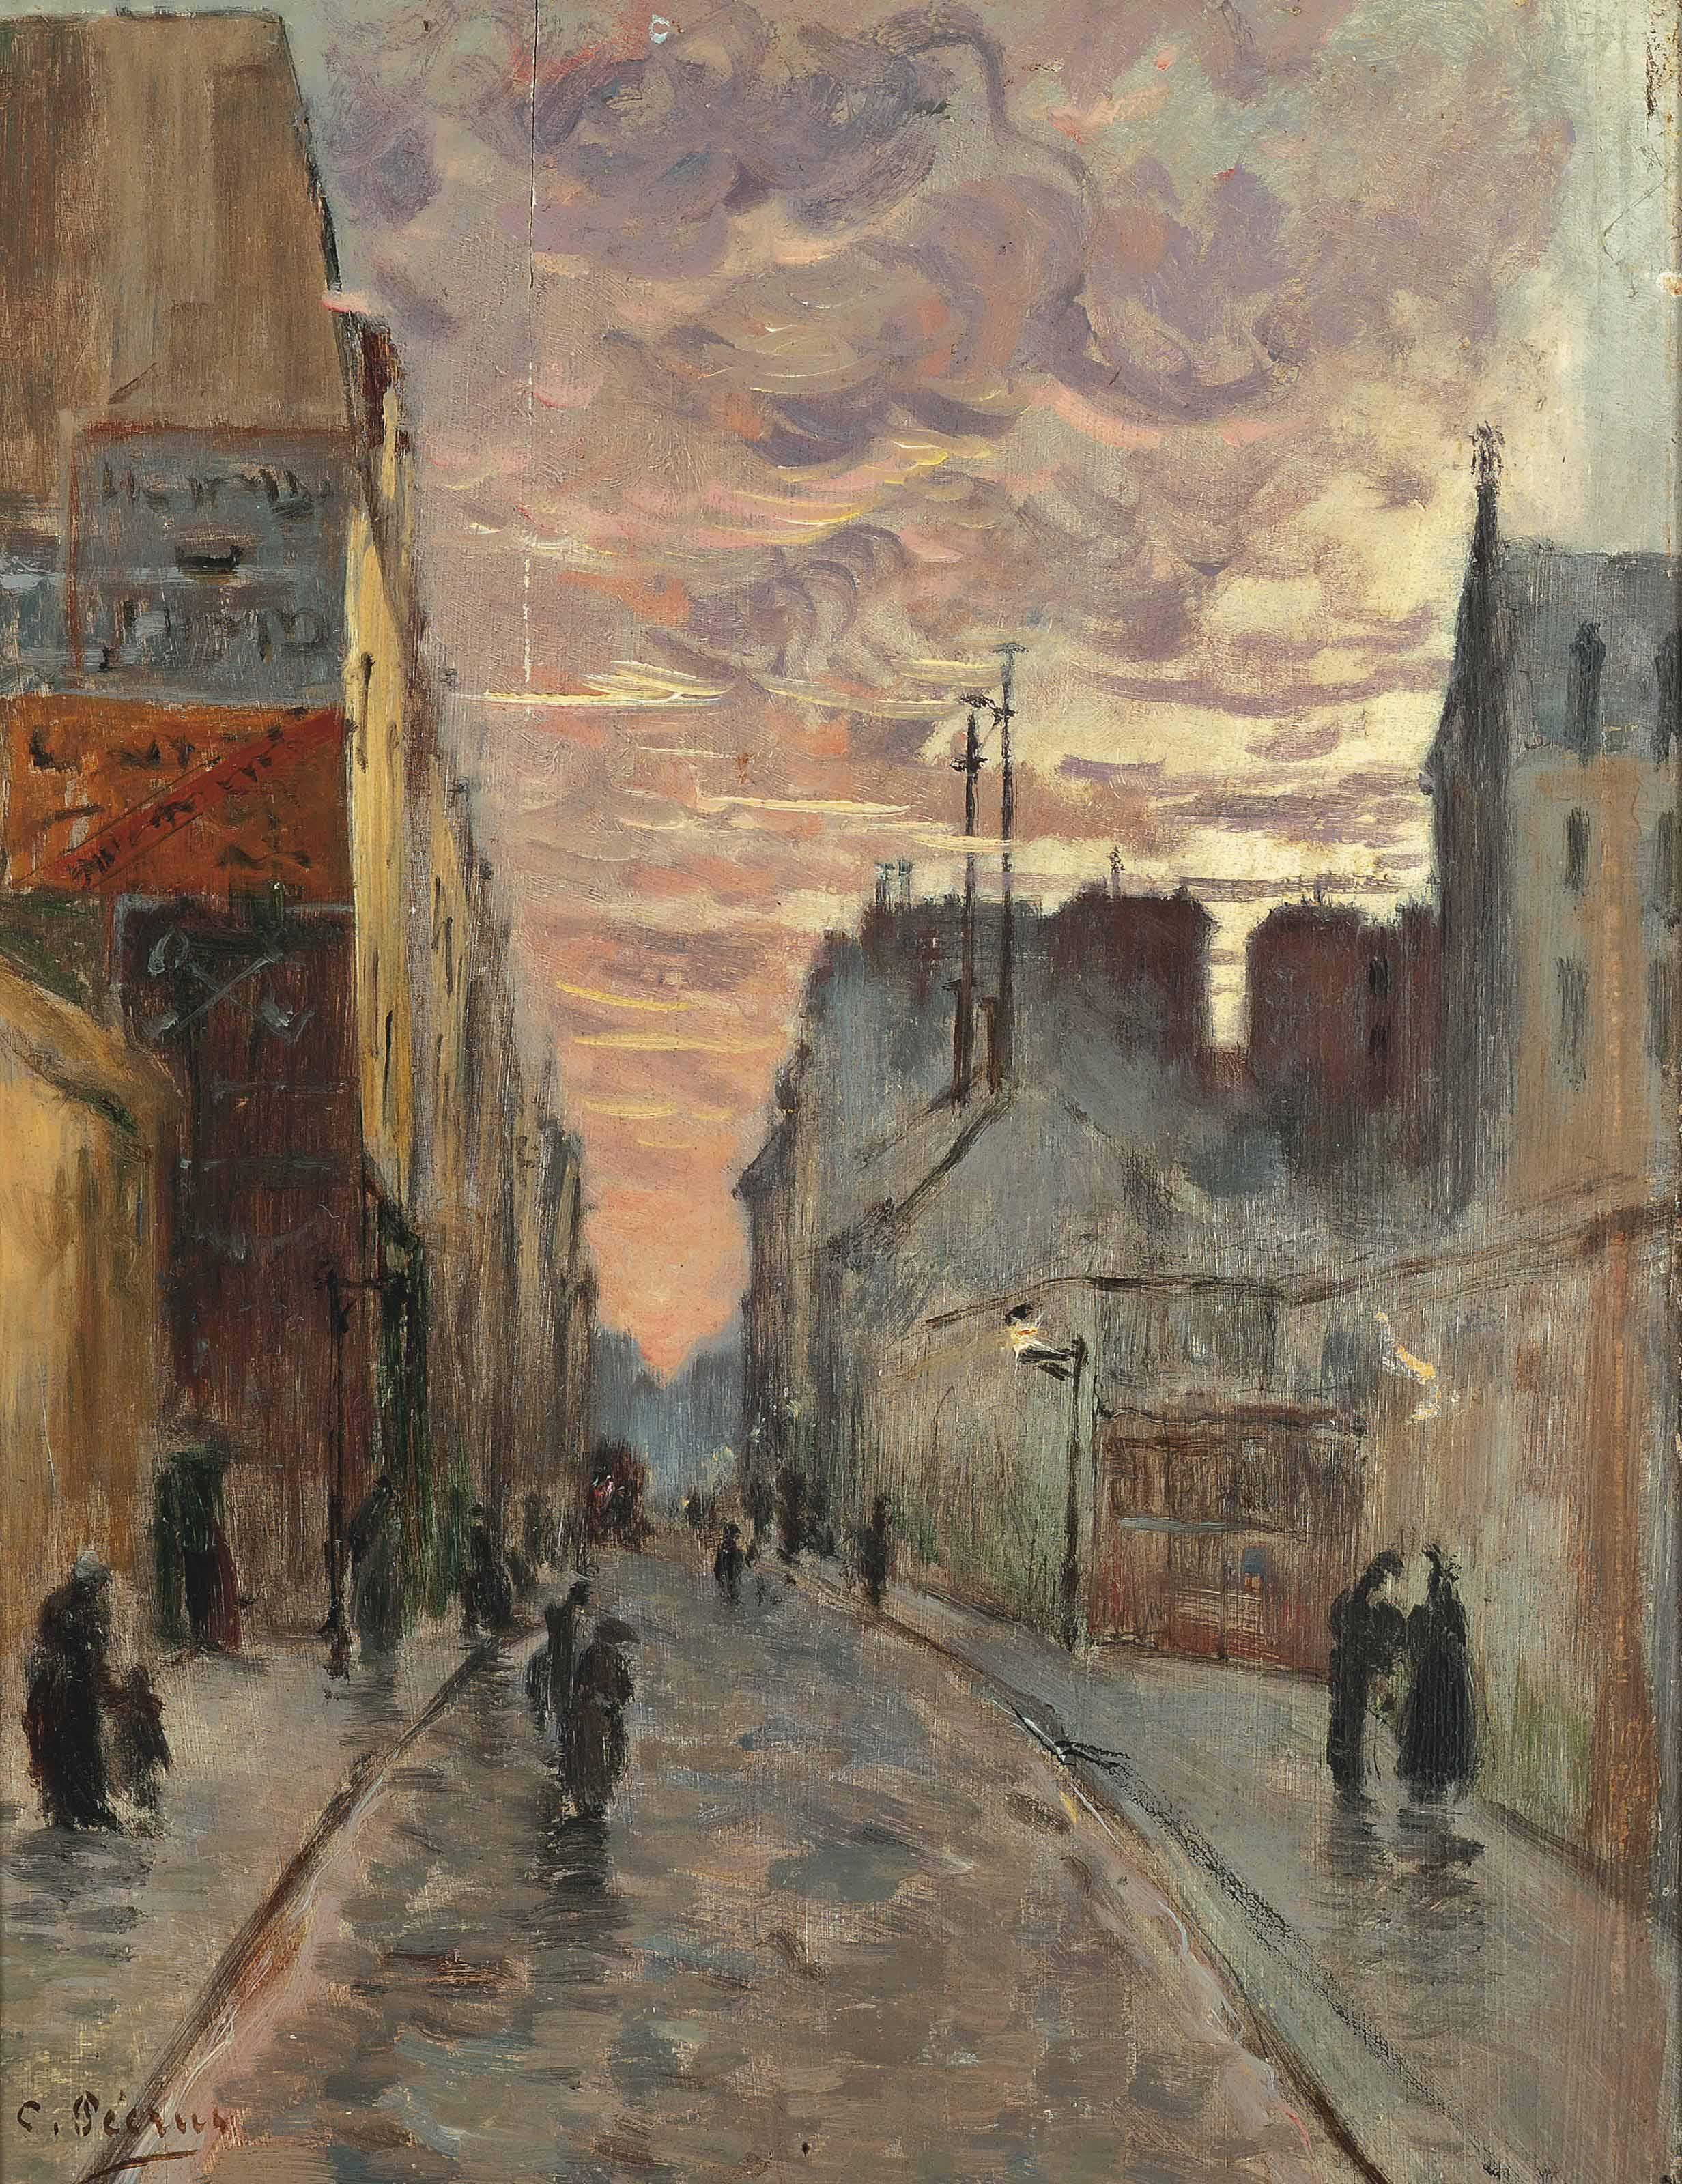 A bustling street at dusk